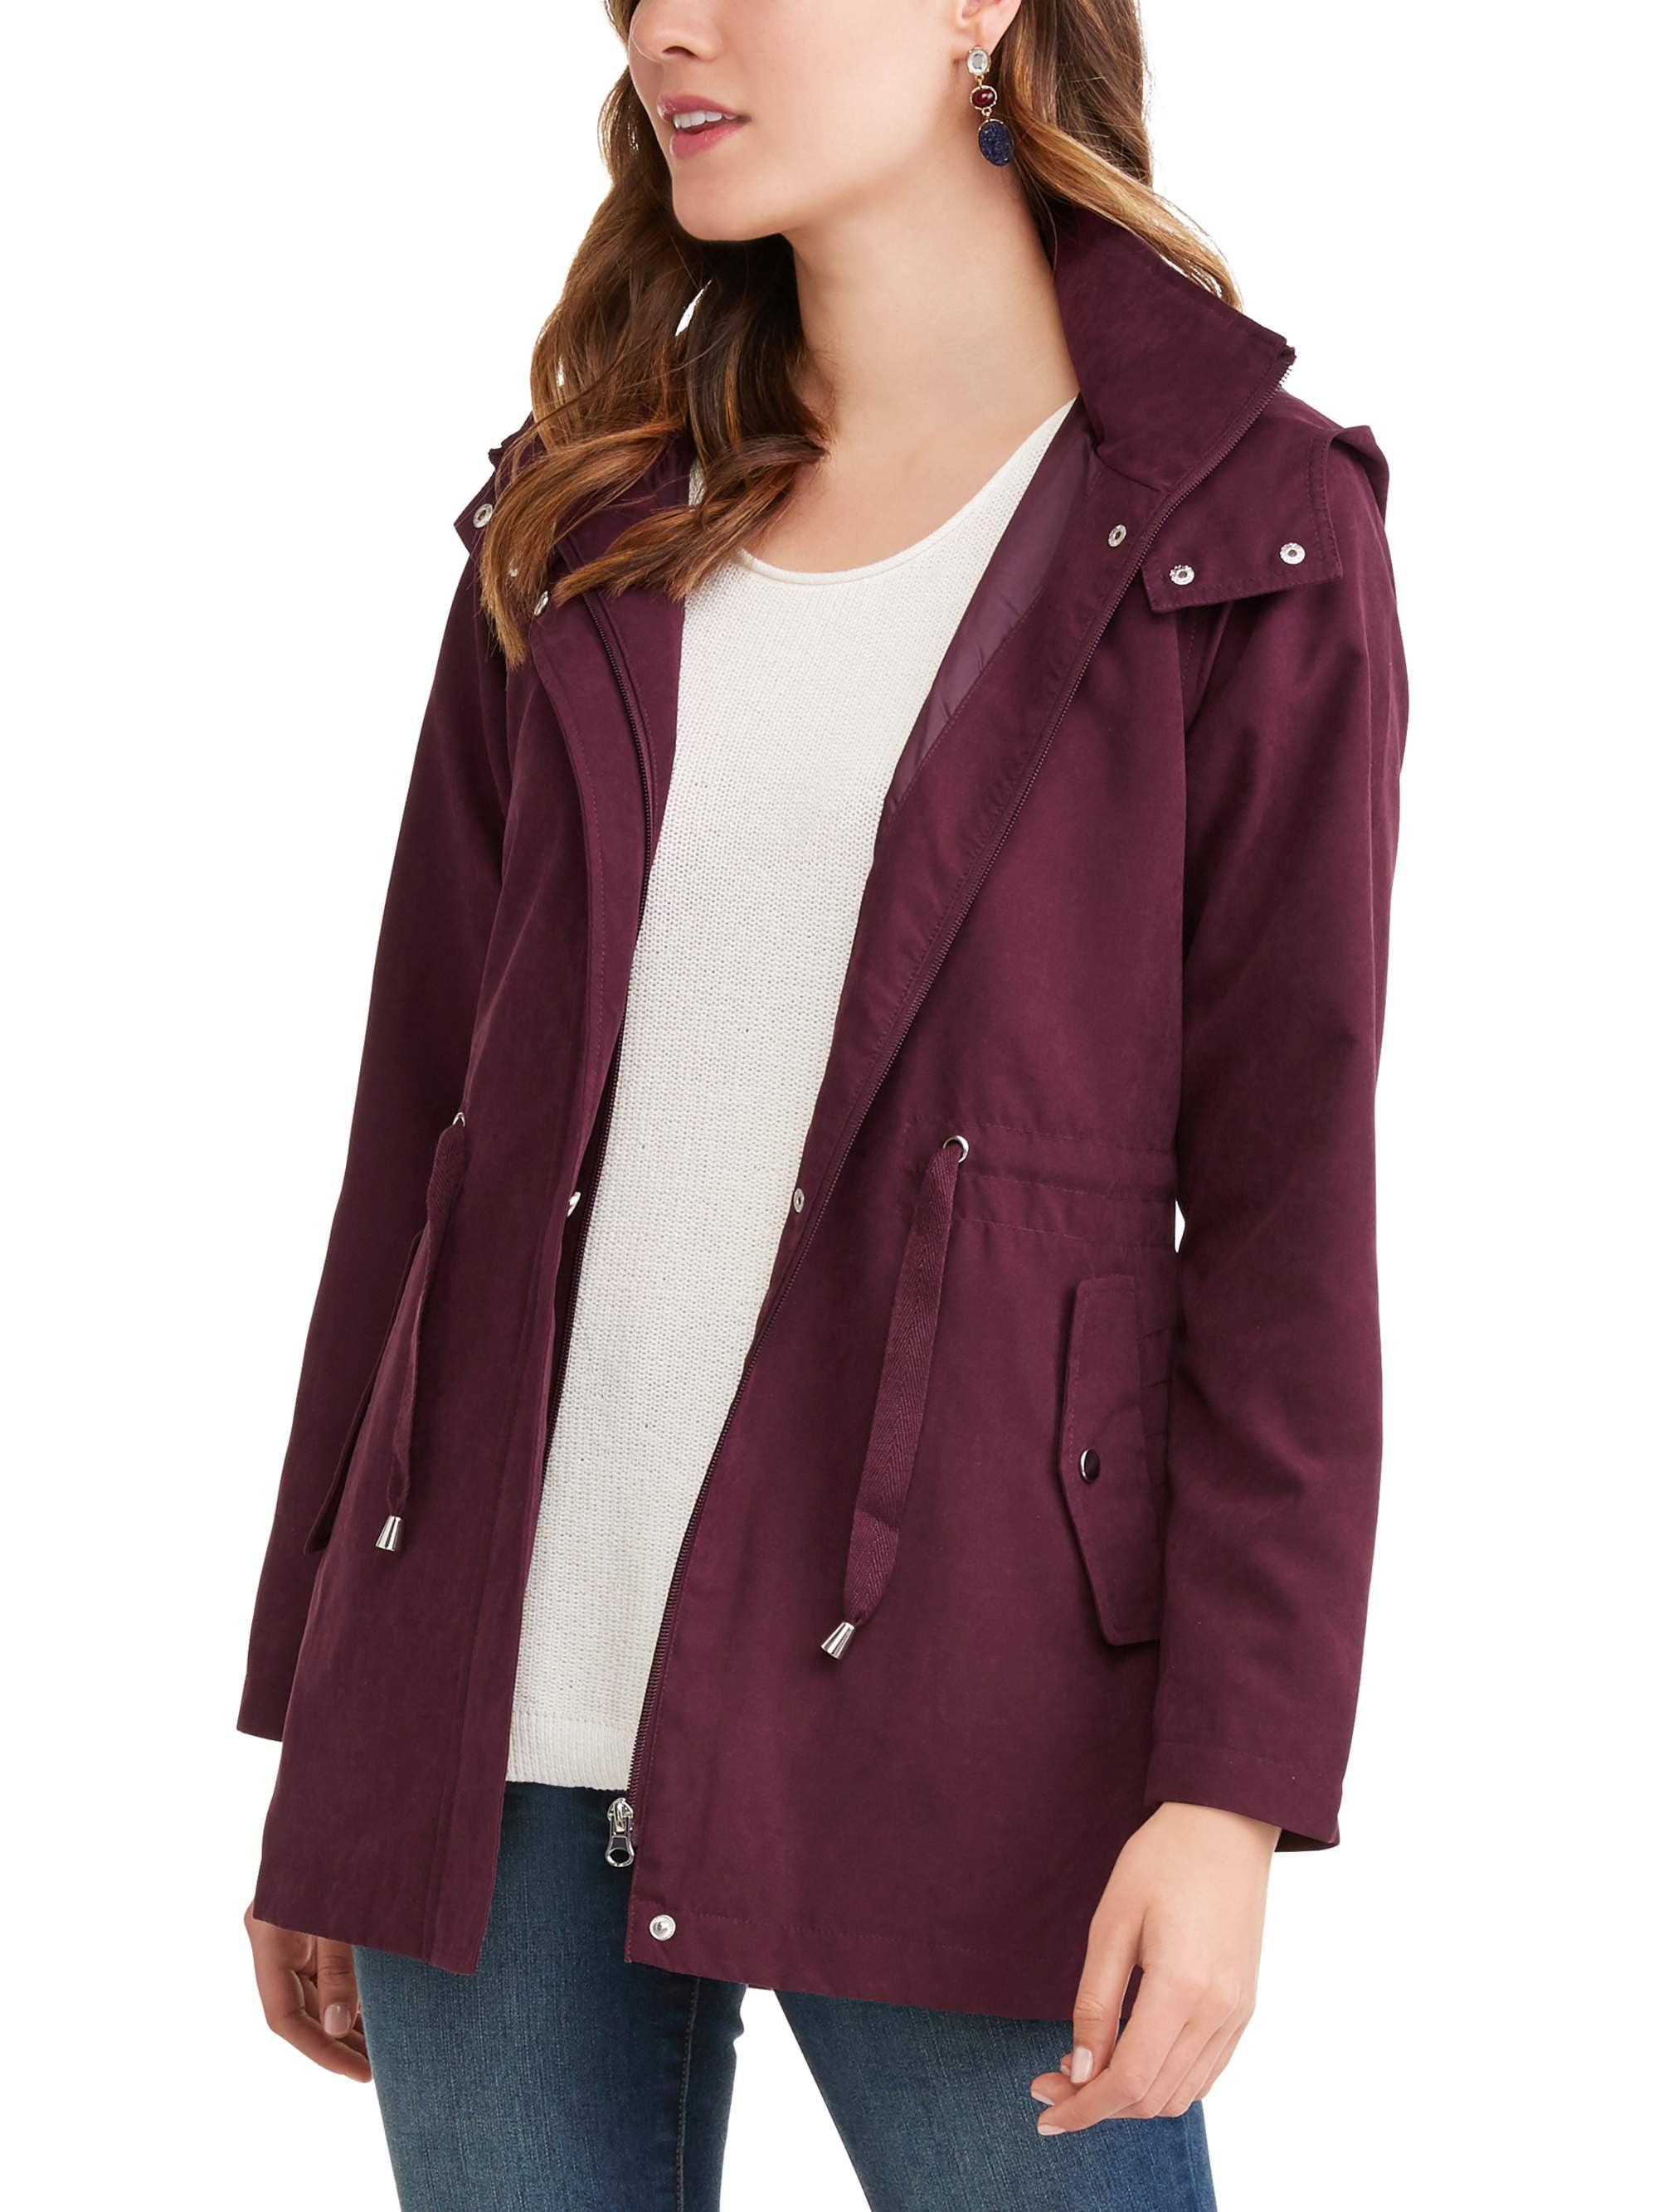 New Ladies Women Anorak Light Weight Hooded Rain Coat Look ZIP Bomber Jacket TOP